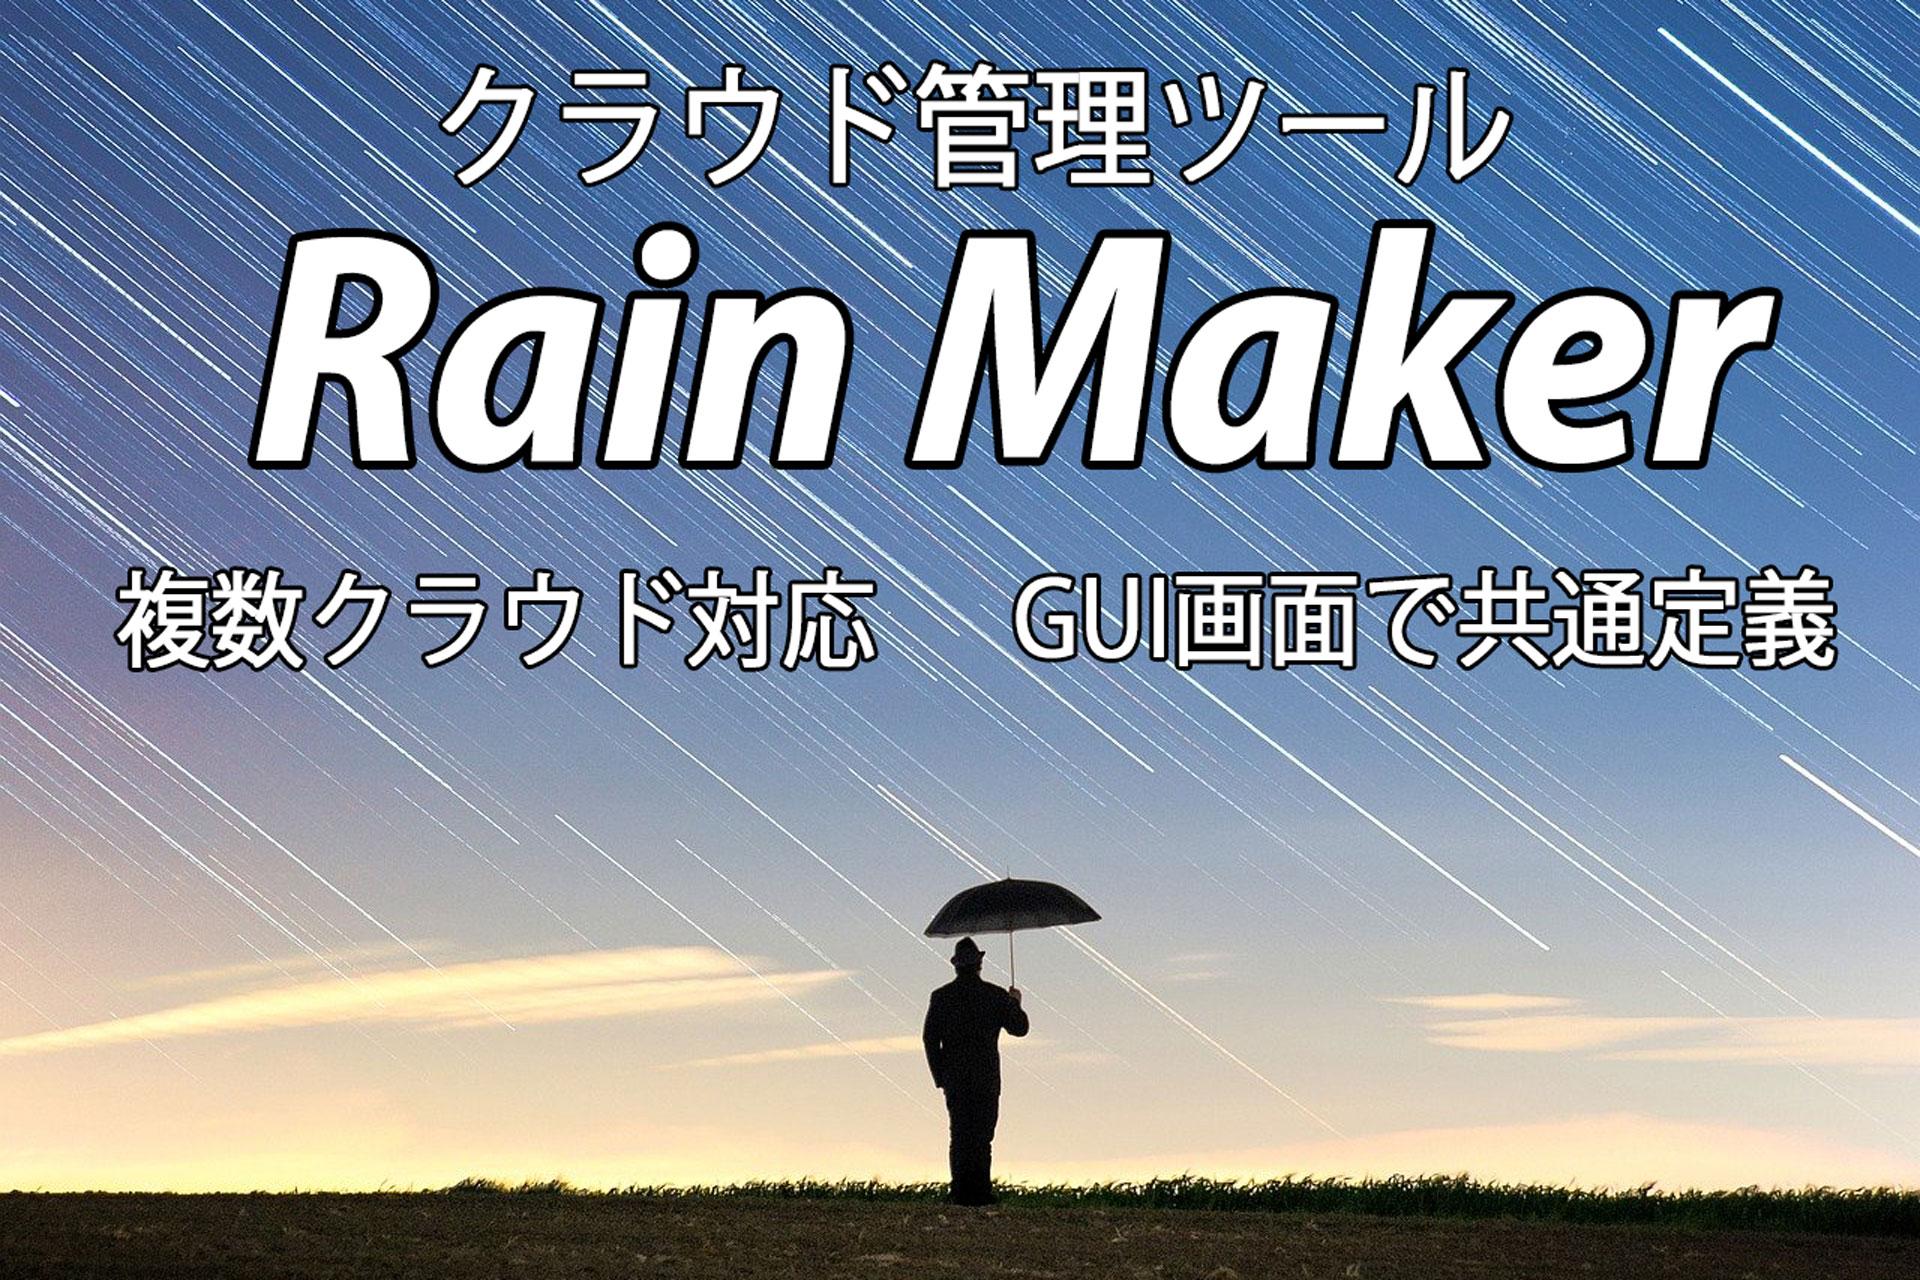 クラウド管理ツール Rain Maker 複数クラウド対応 GUI画面で共通定義